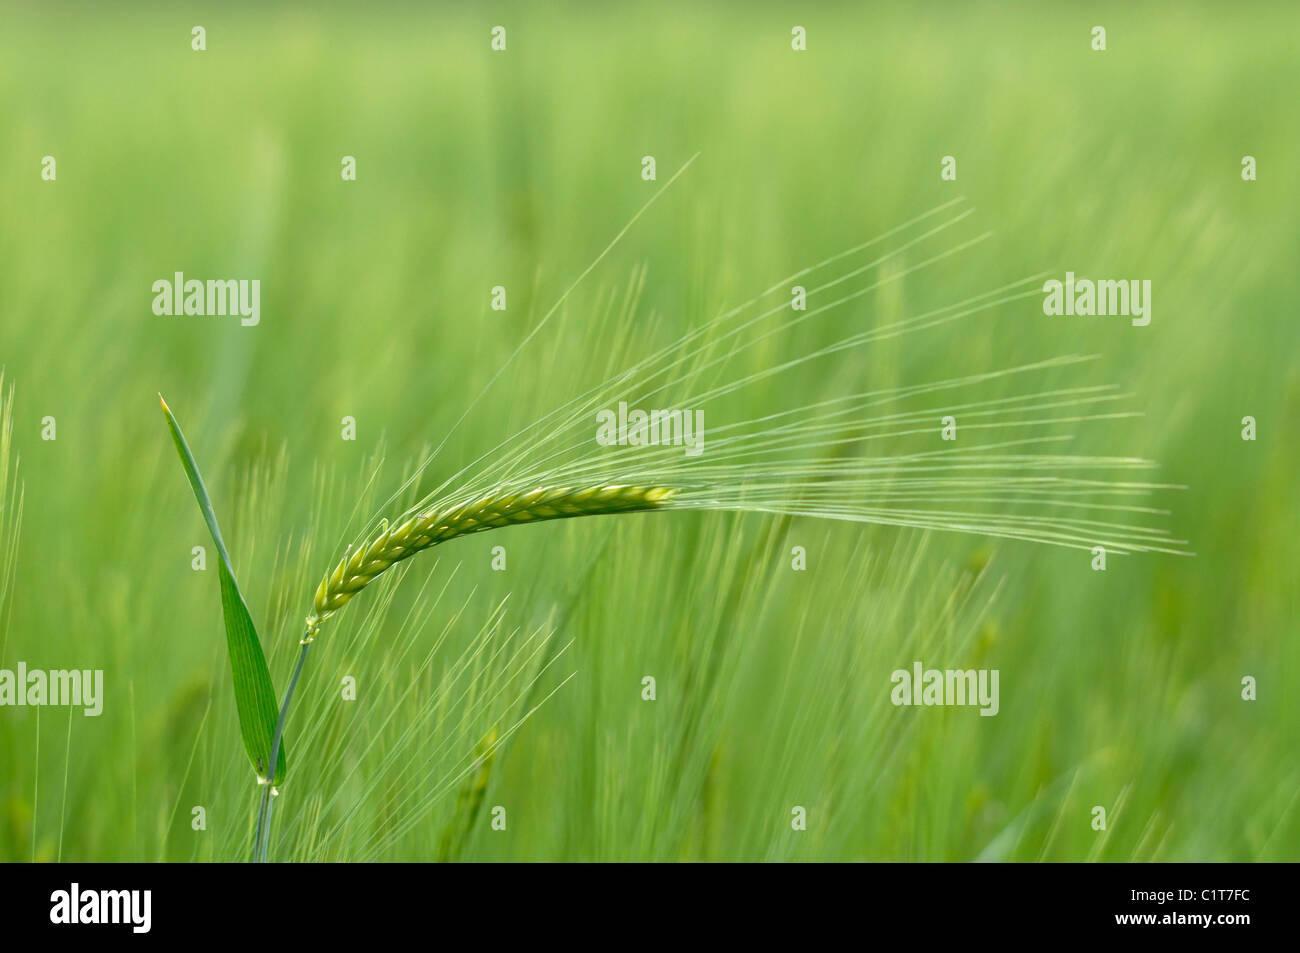 Una sola hierba de cebada Imagen De Stock